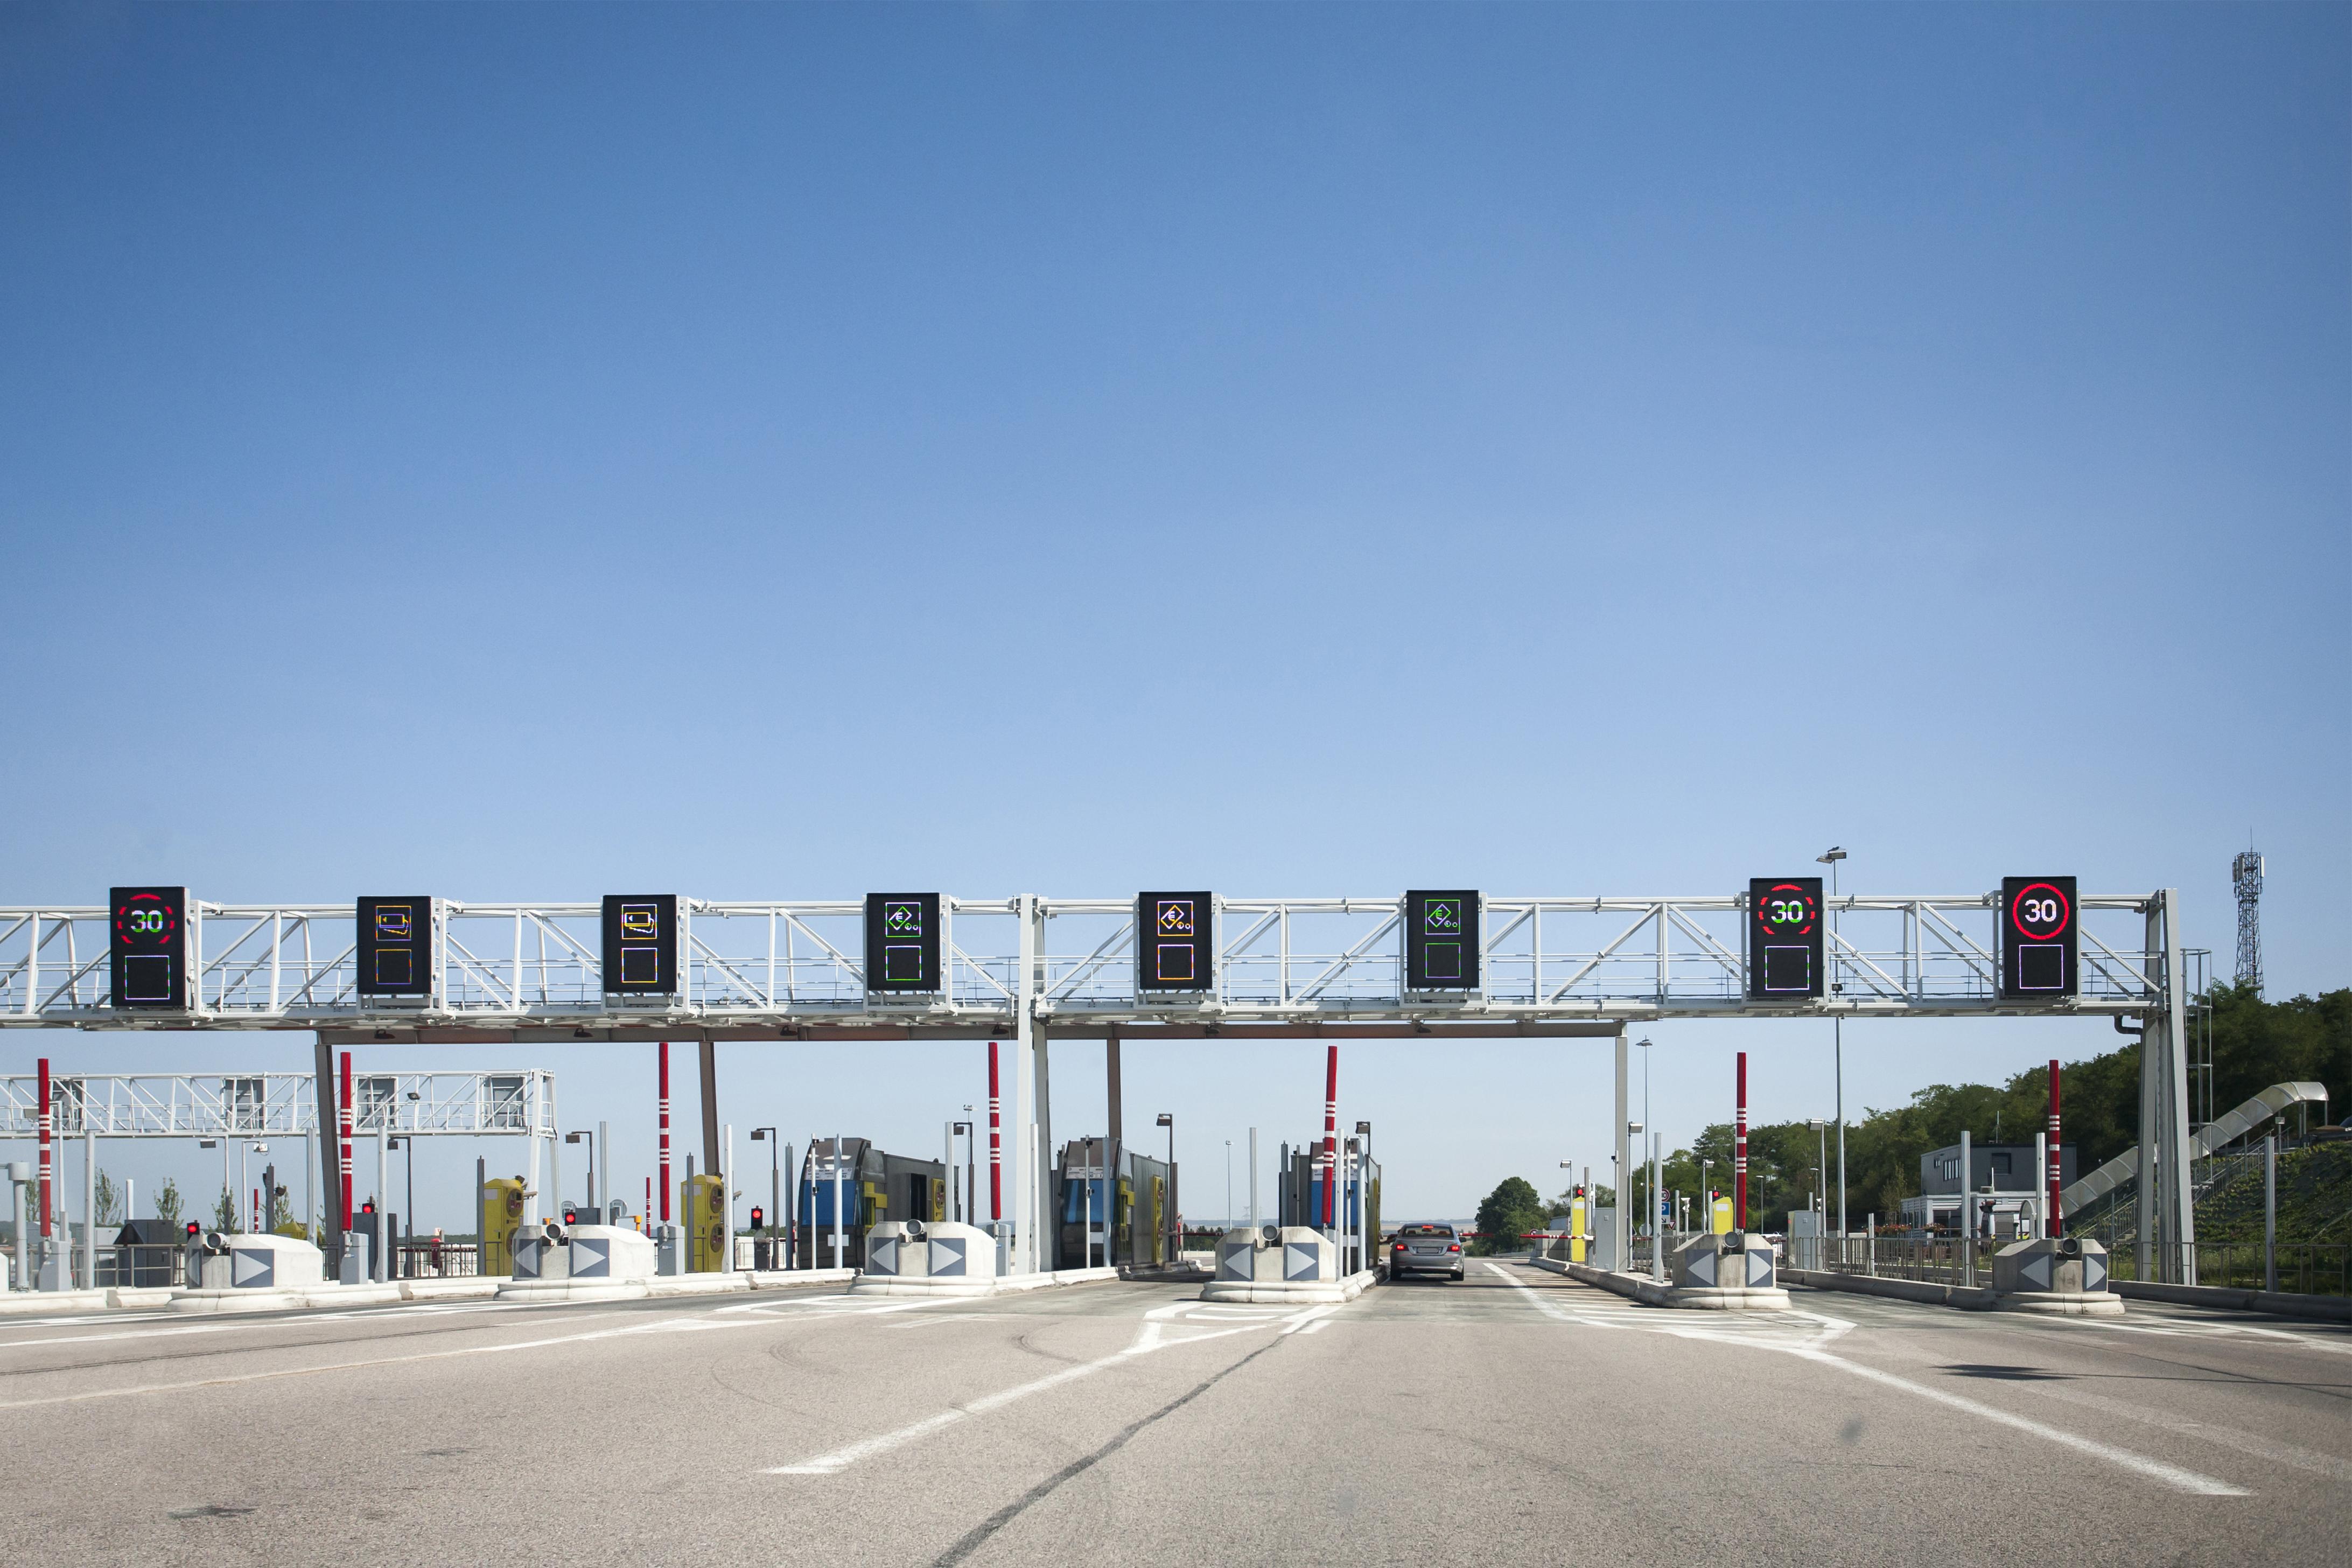 Transportadores de cargas pedem suspensão temporária de pedágio, diz presidente de entidade